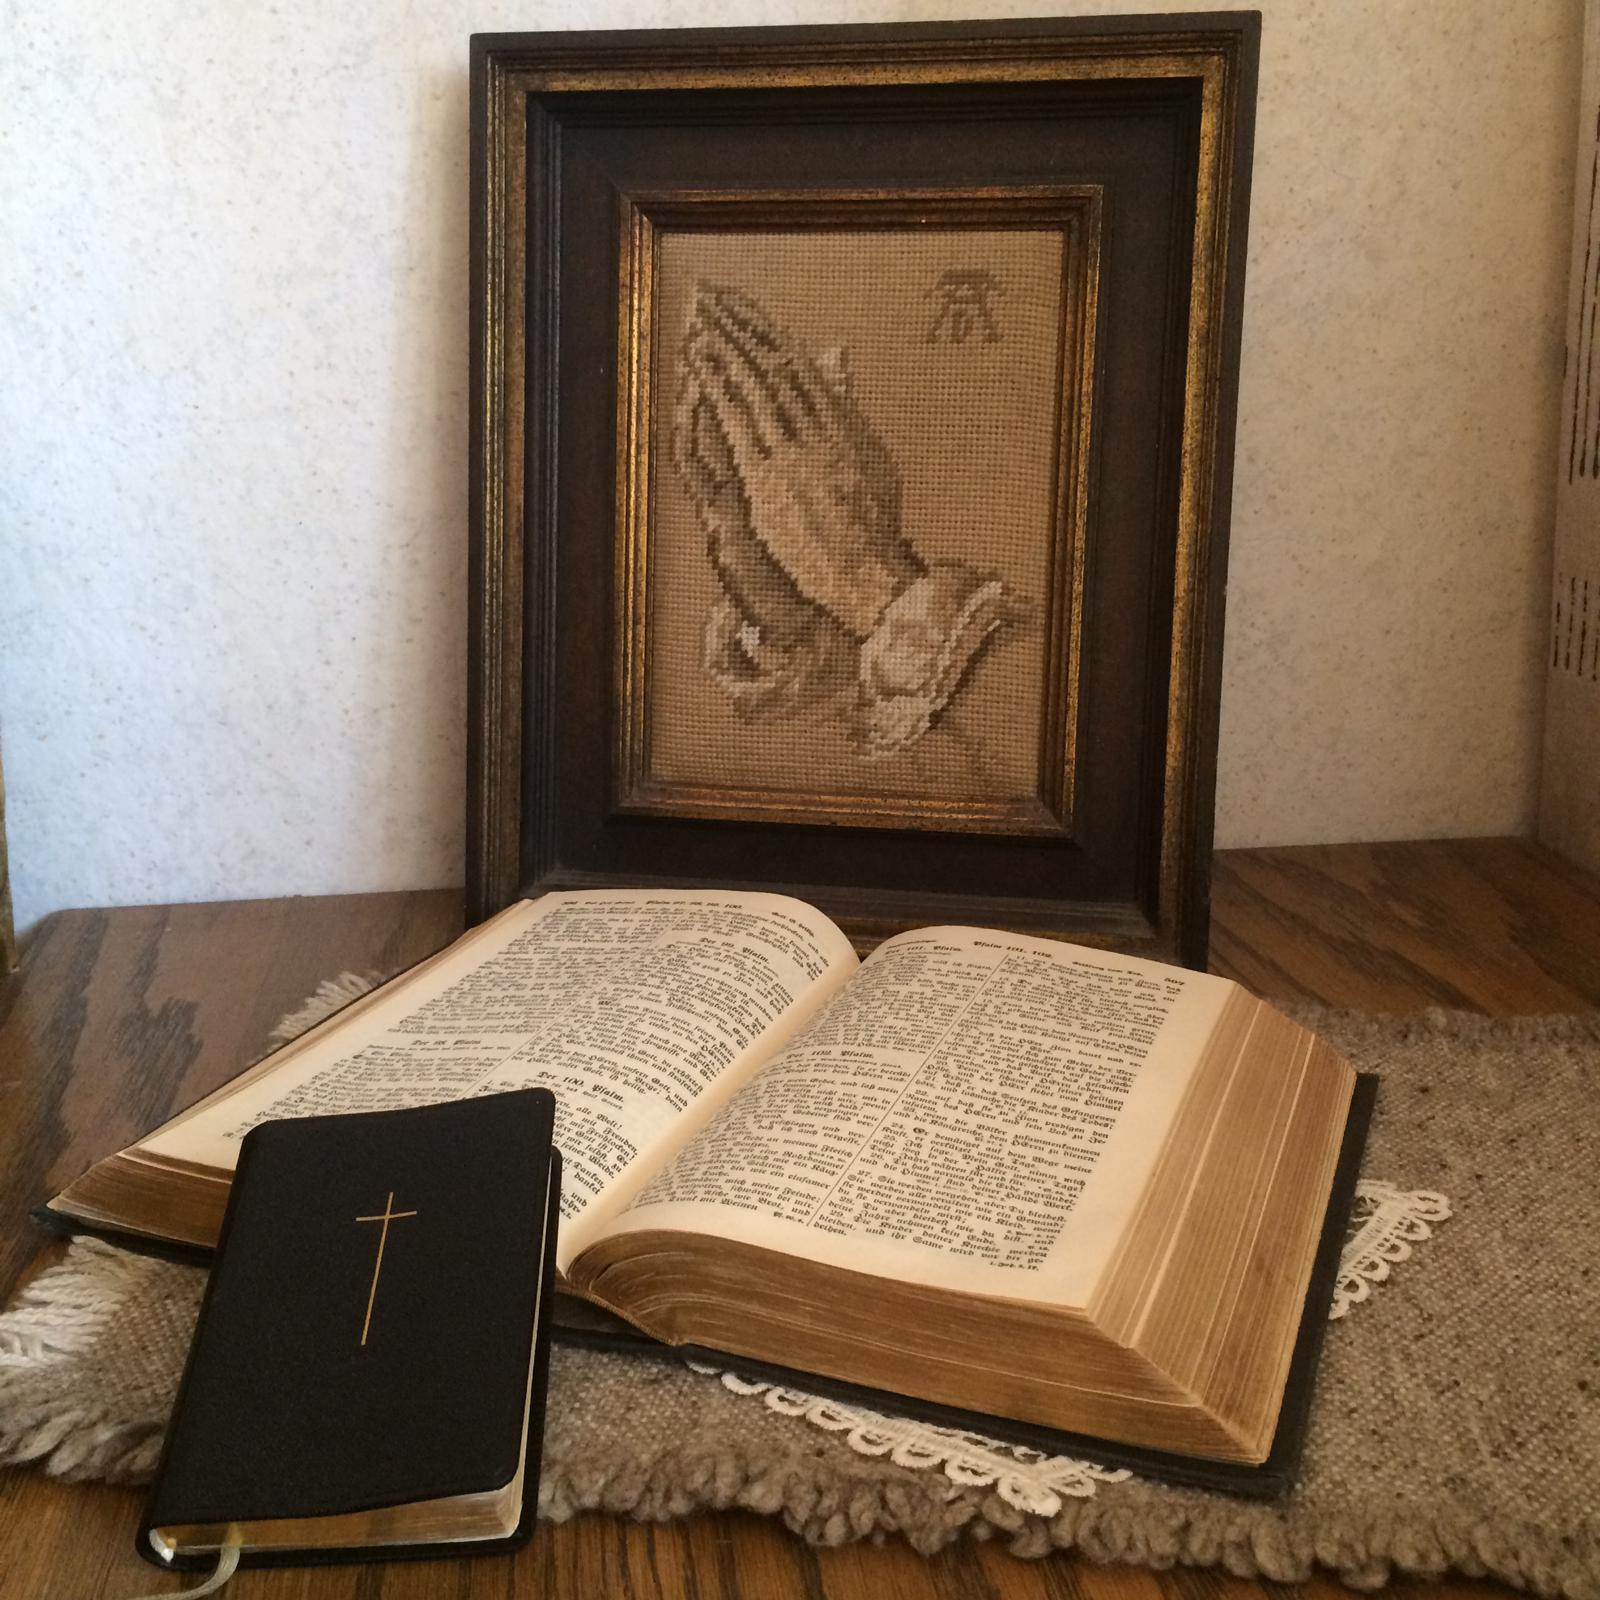 Bibel-und-Gesangbuch